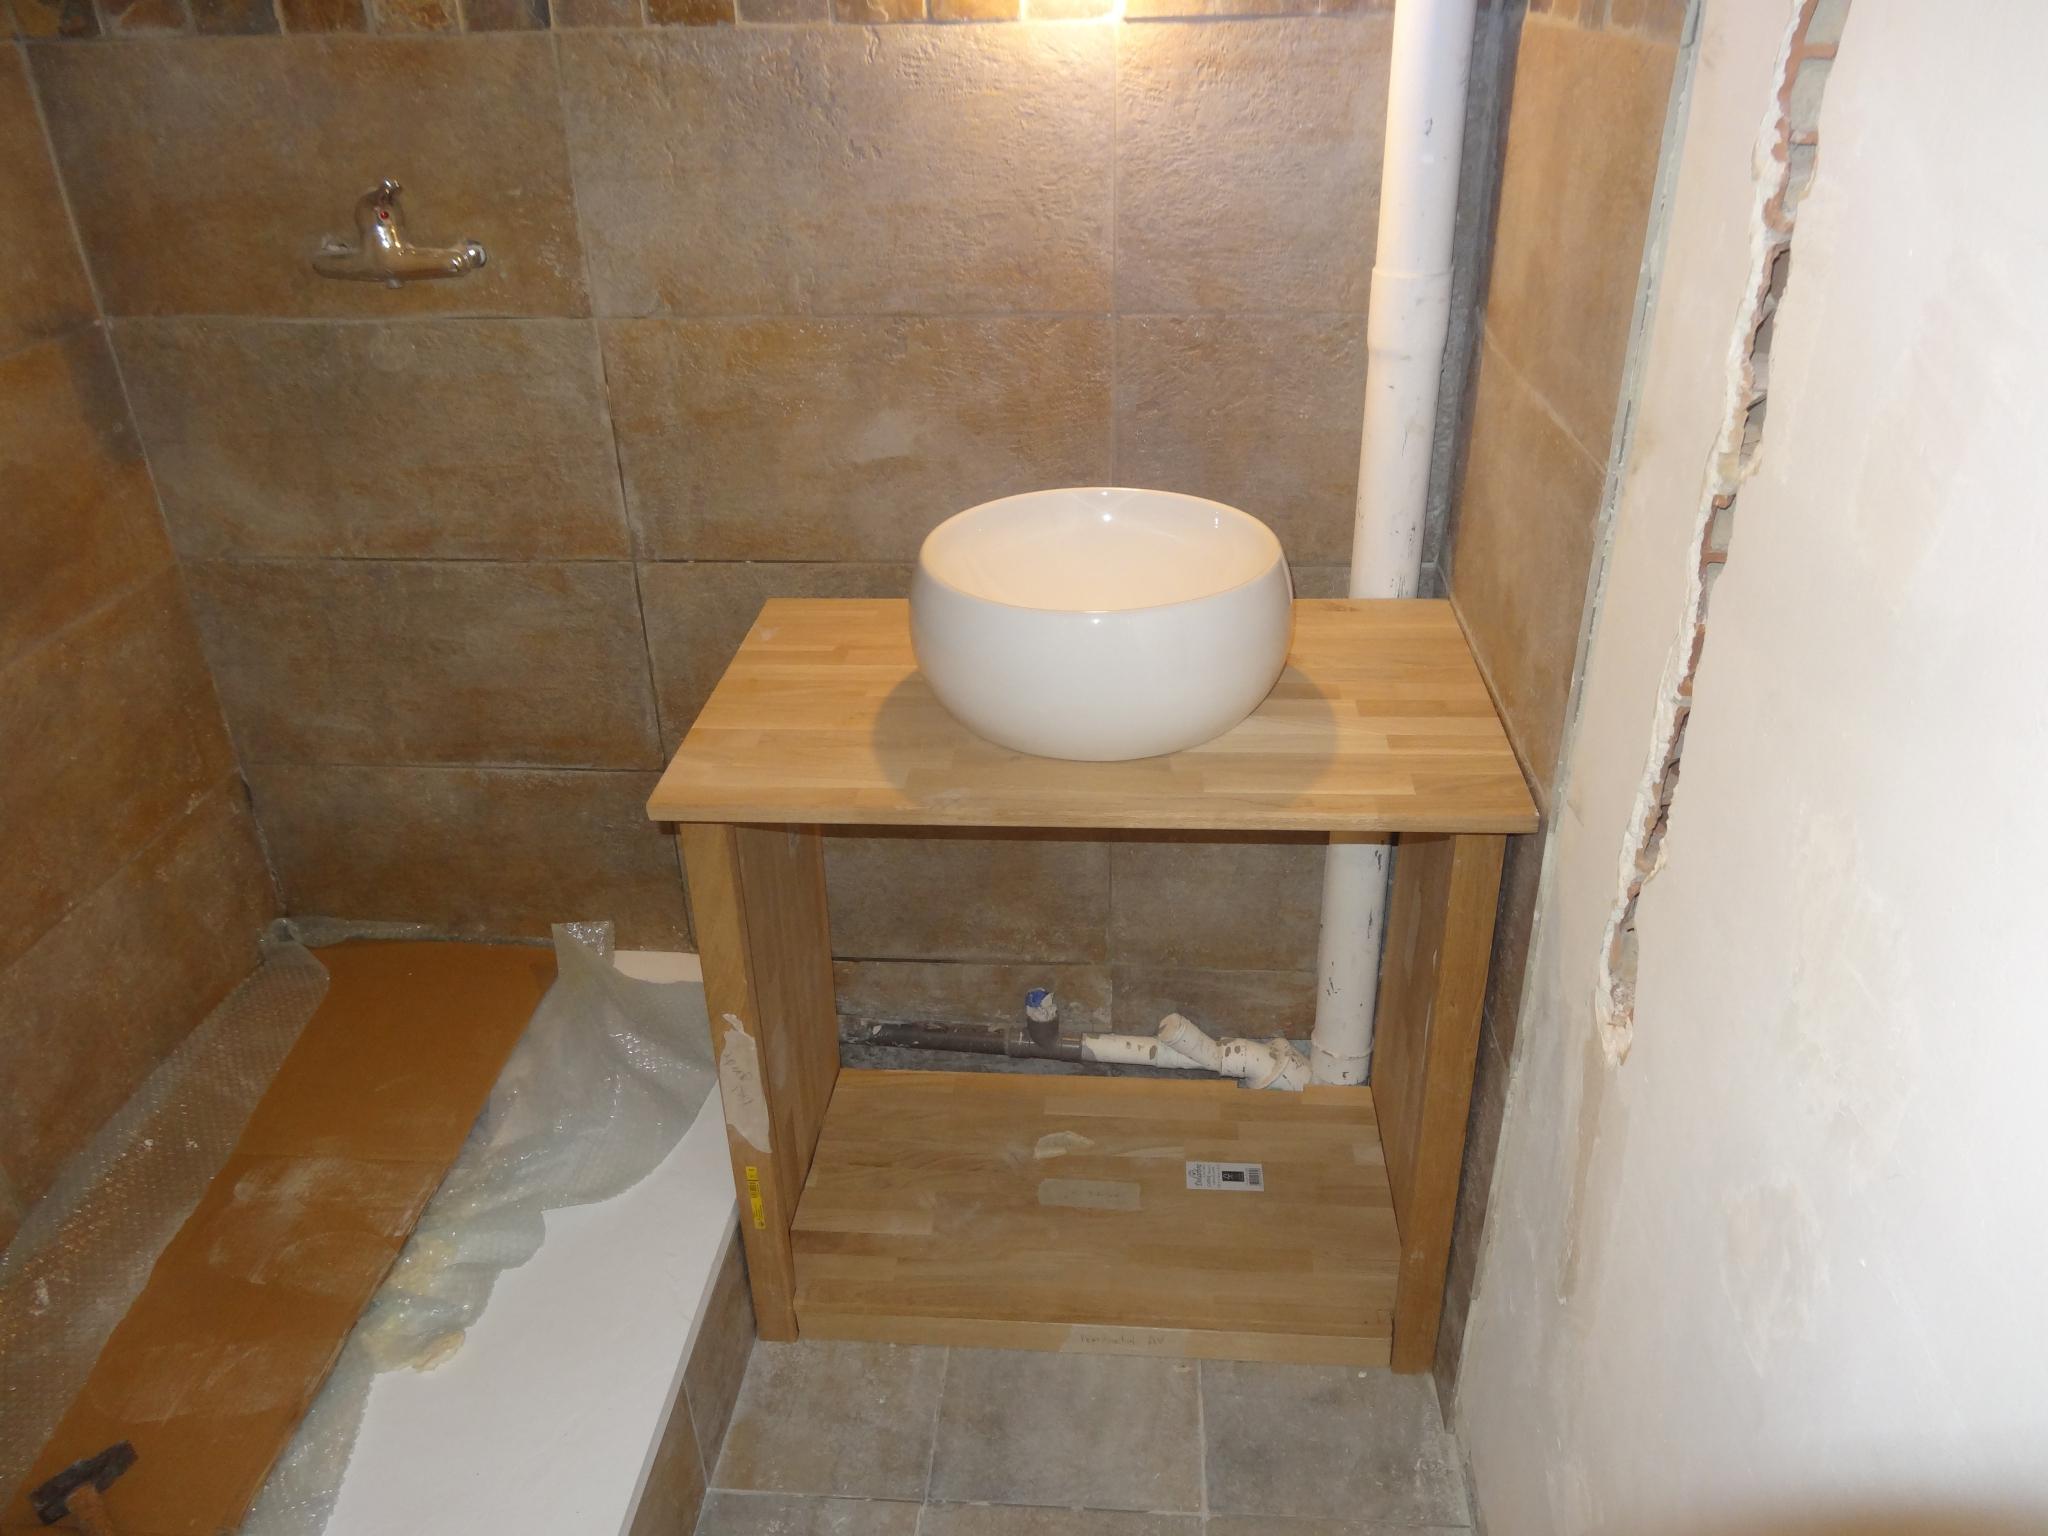 Nouveau Création D'un Meuble Sous Vasque Sur Mesure - Faire Soi-Même AF-69